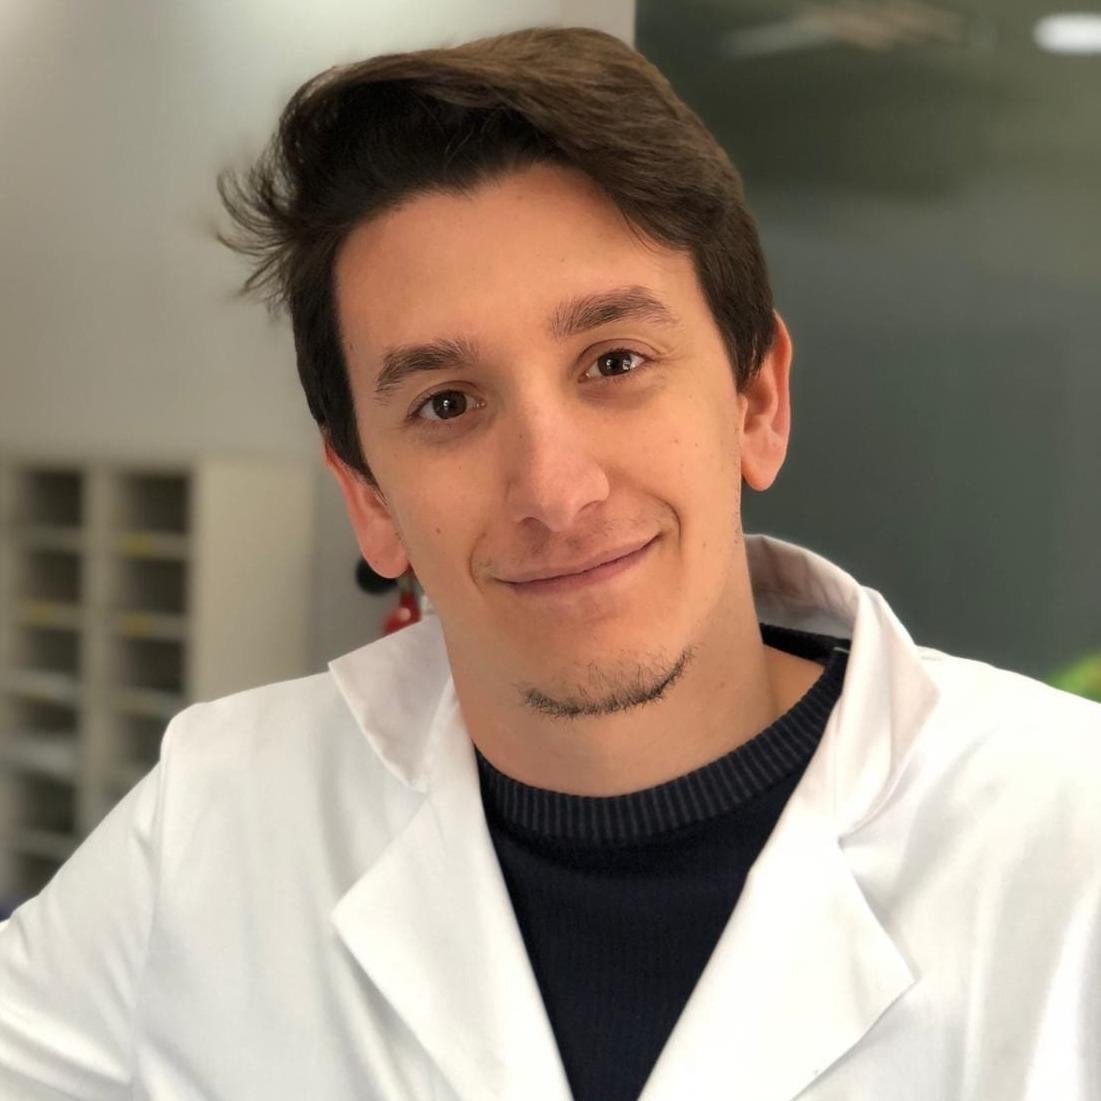 Manel Lladó Santaeularia